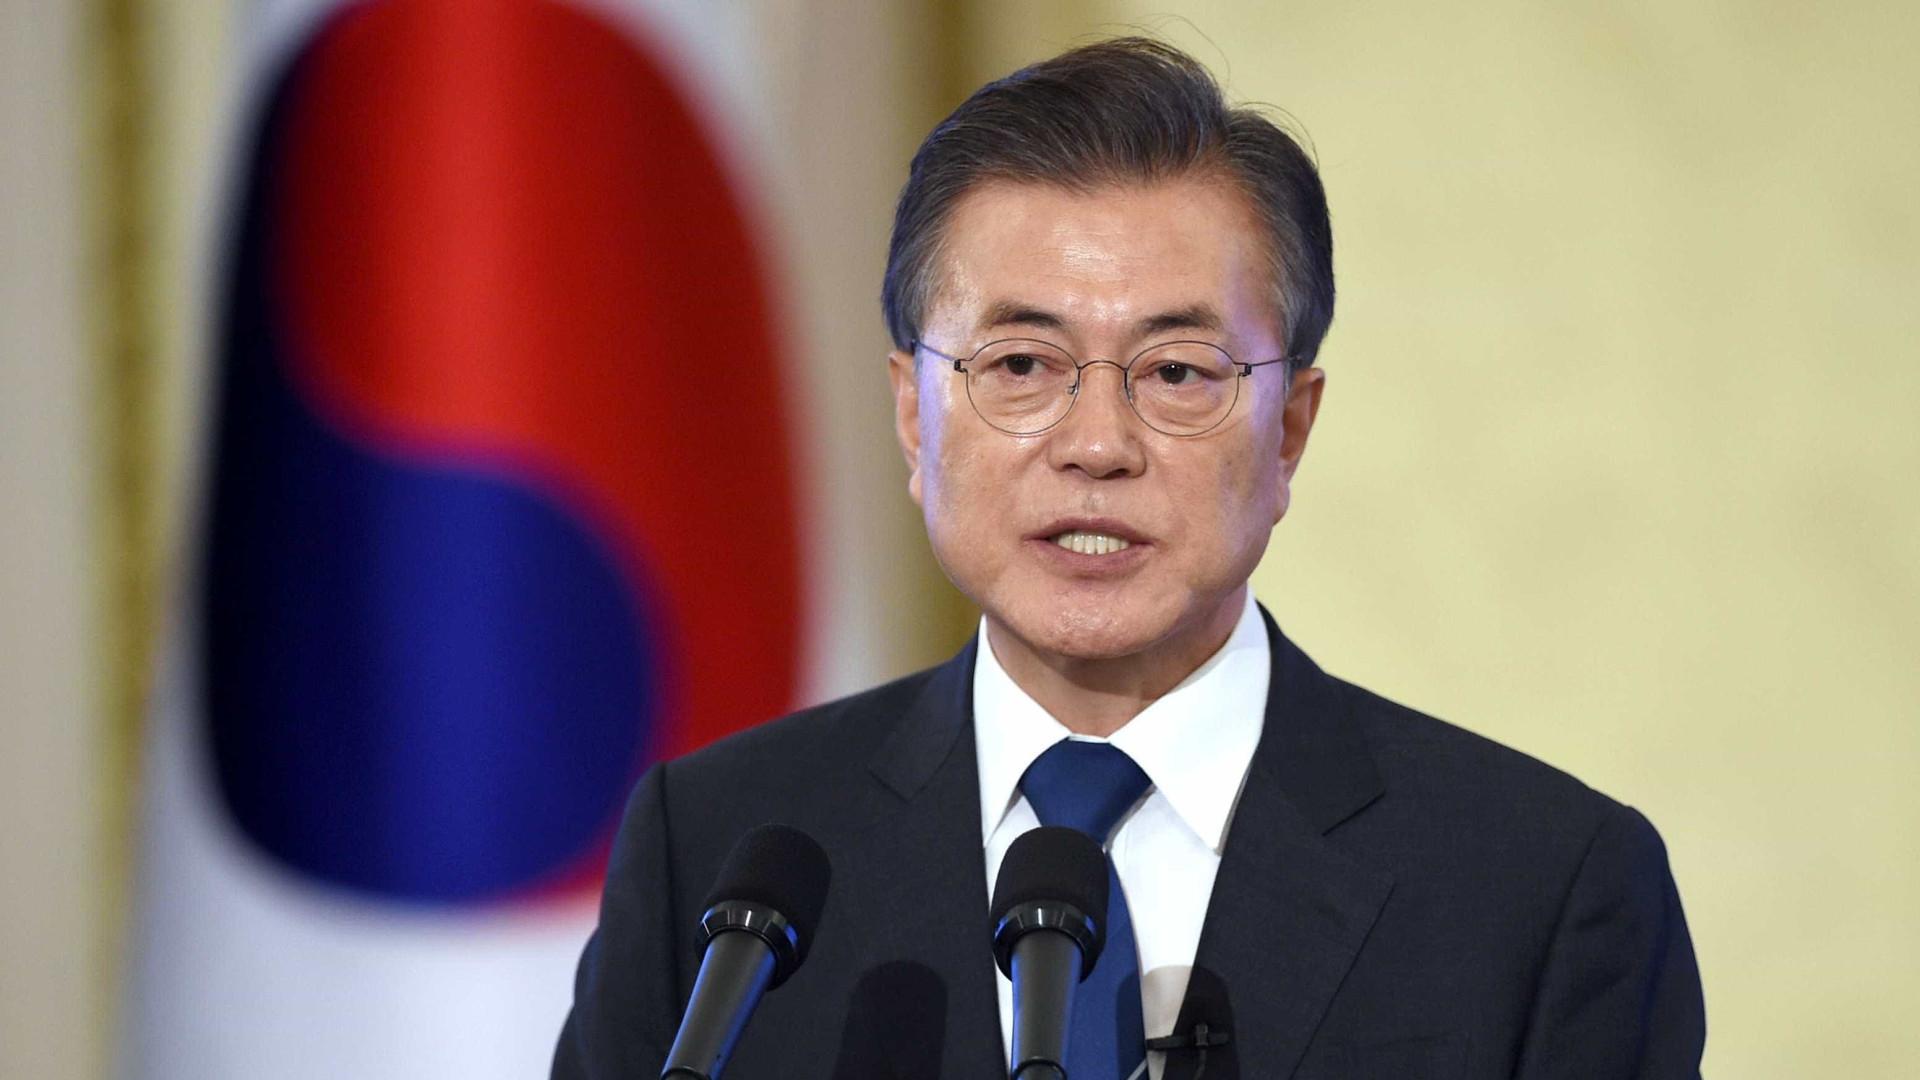 Coreia do Sul pede aos EUA para retomarem negociações com Coreia do Norte